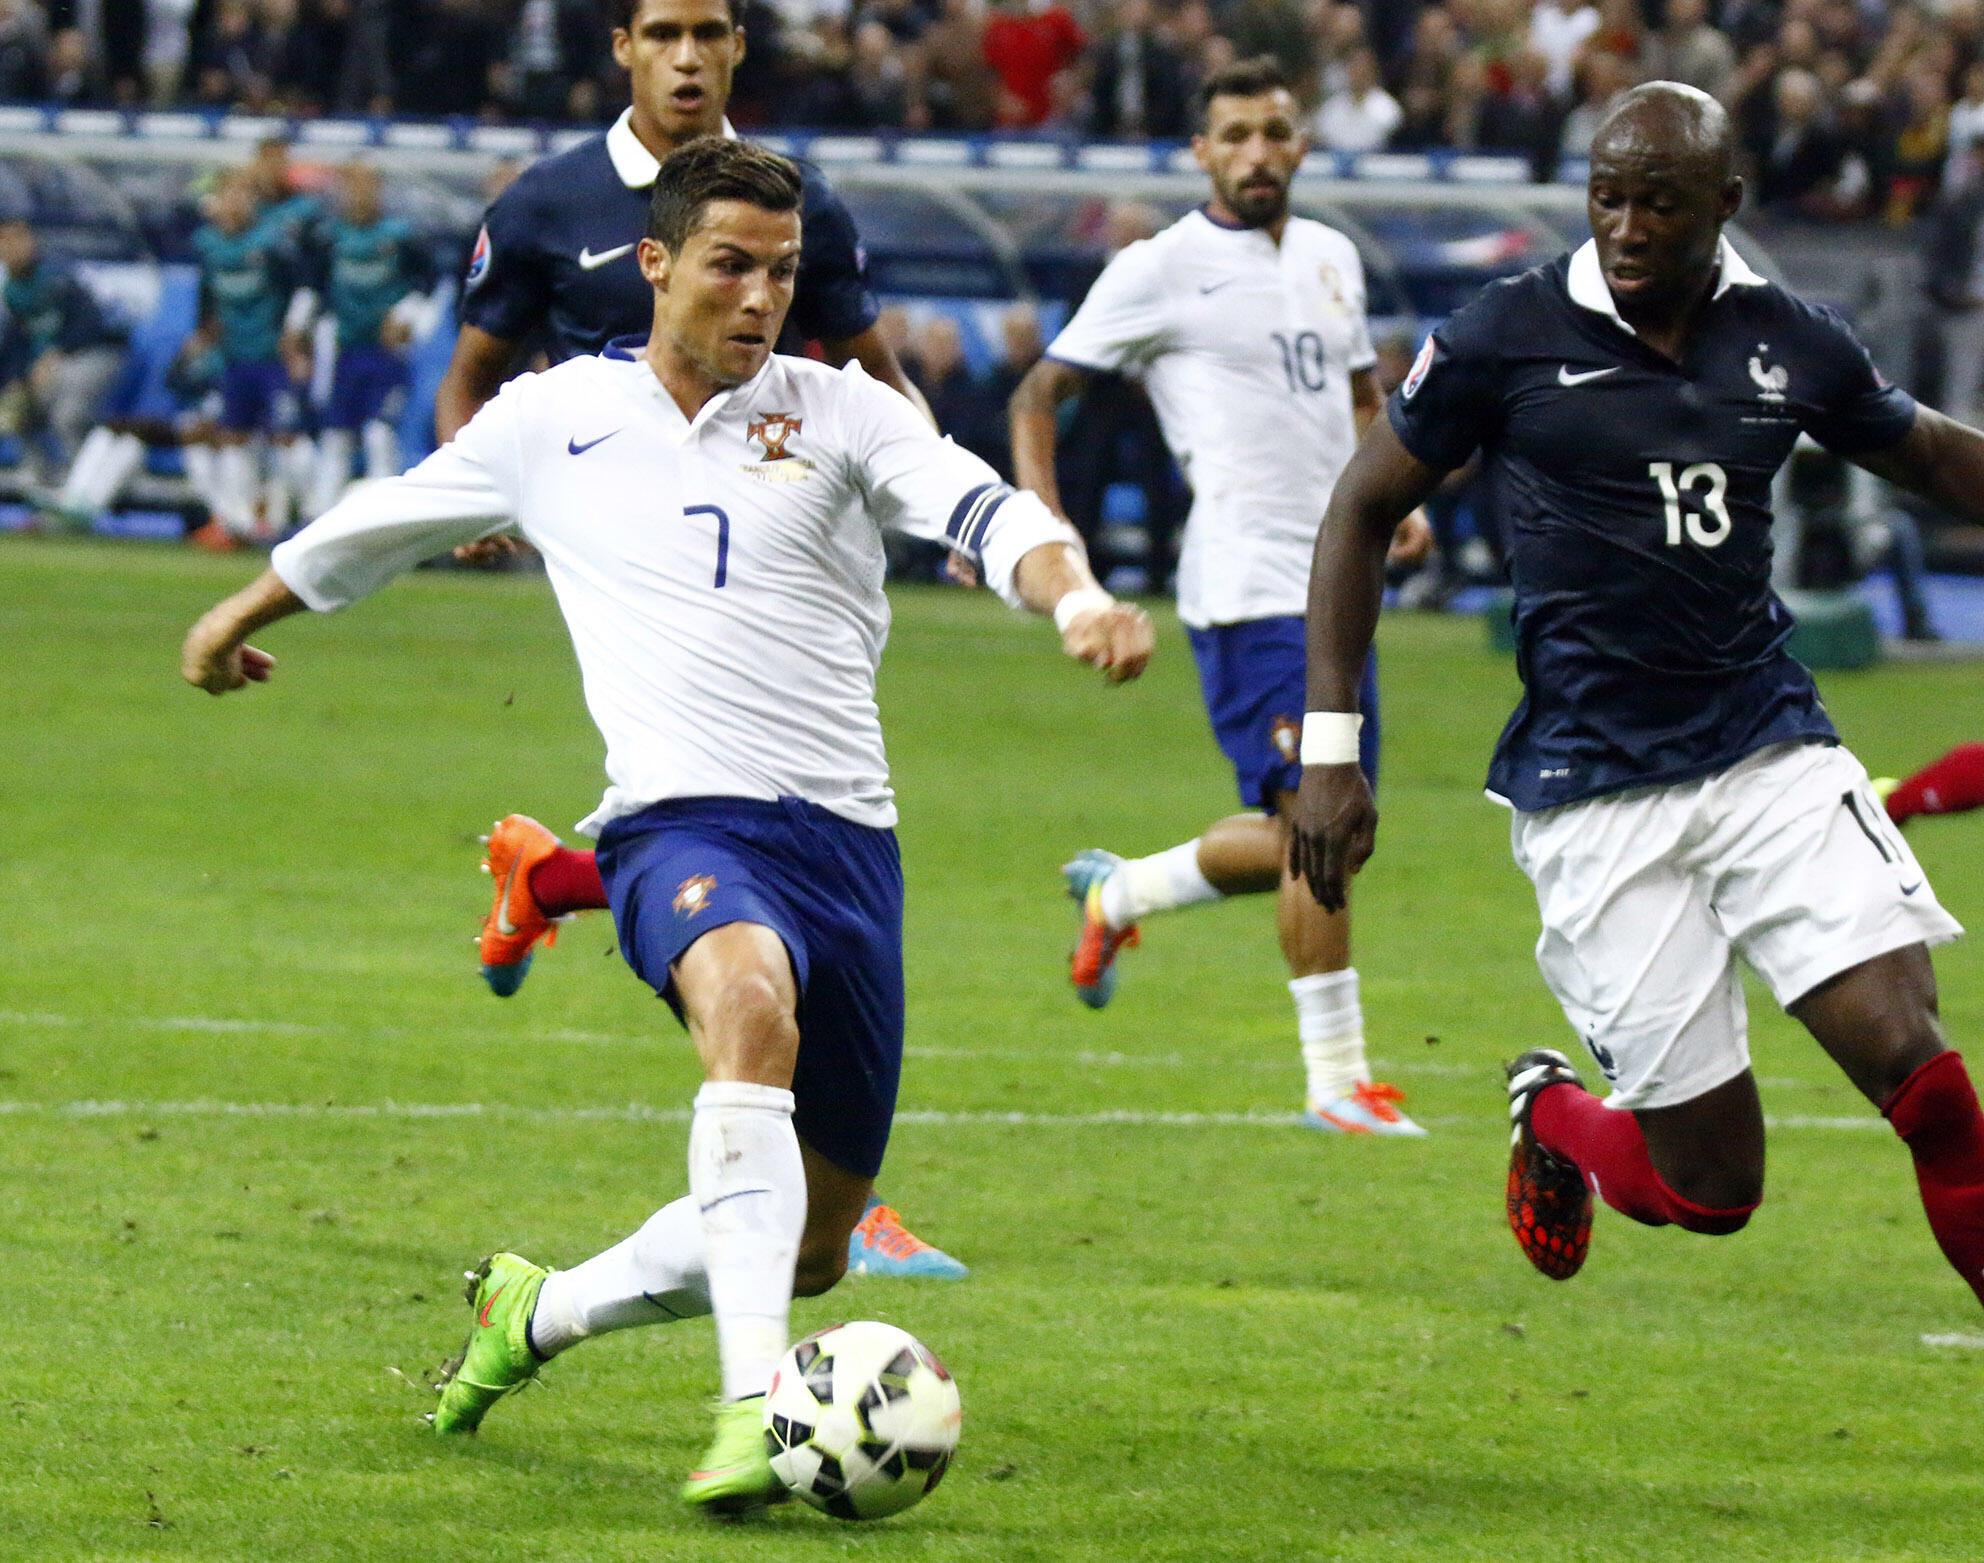 Cristiano Ronaldo n'a pas trouvé la faille face à l'équipe de France et Eliaquim Mangala.